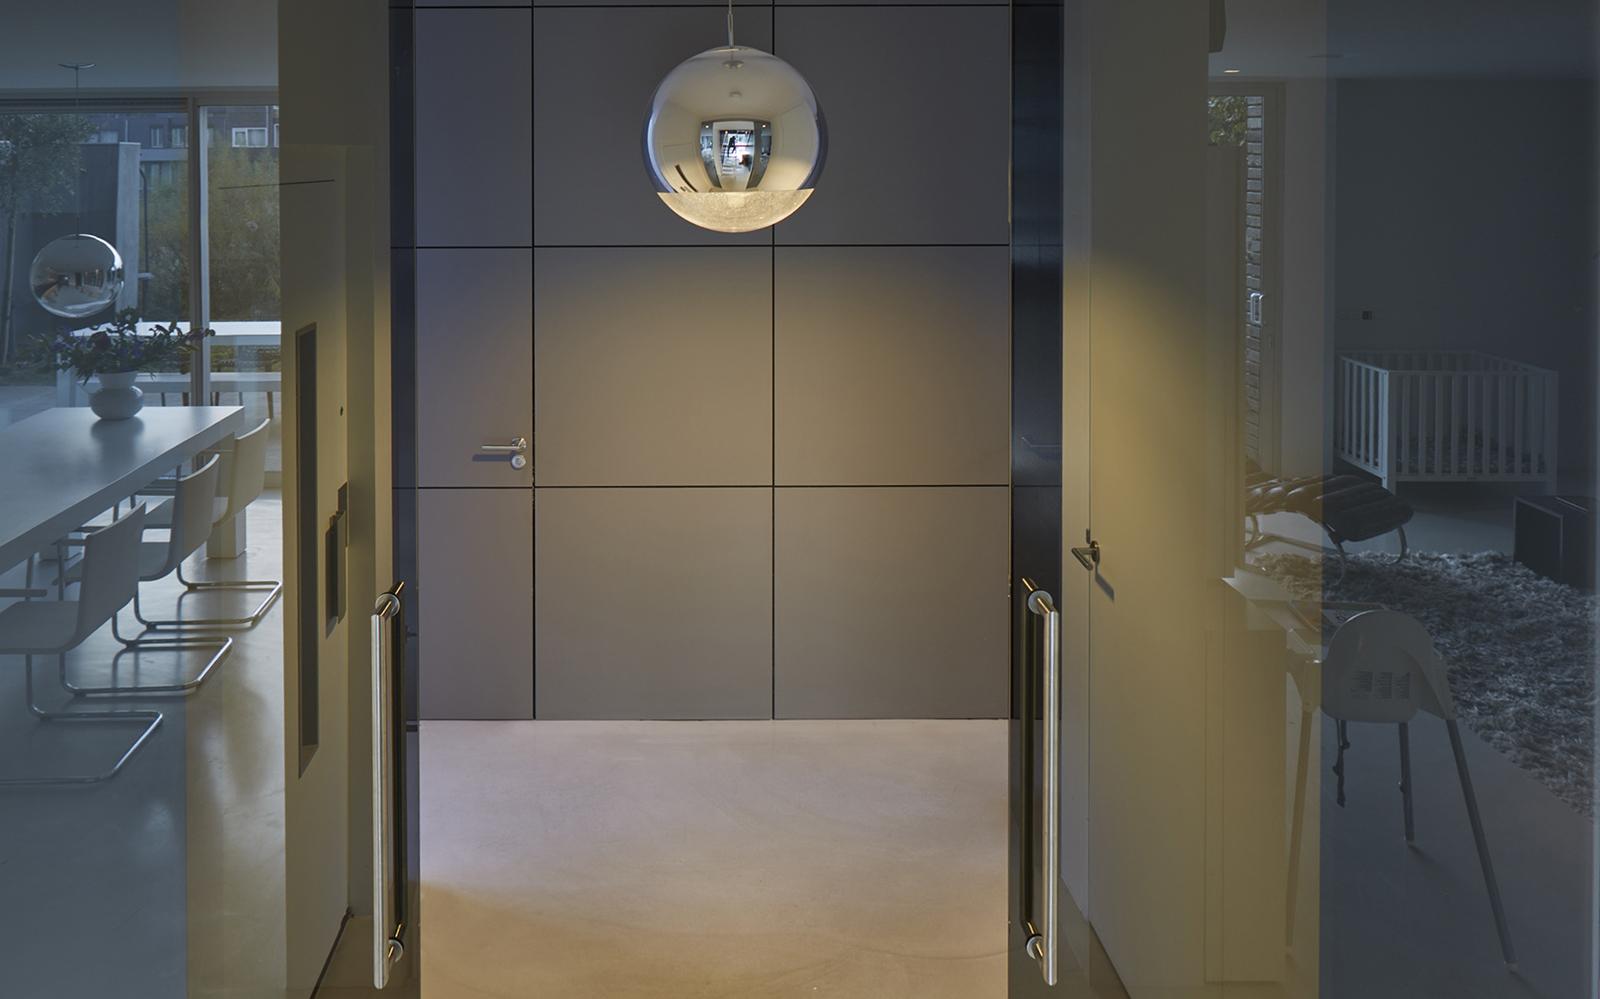 NL liften, lift, kasten op maat, maatwerk, interieurbouw, Bart van Wijk, interieurarchitect